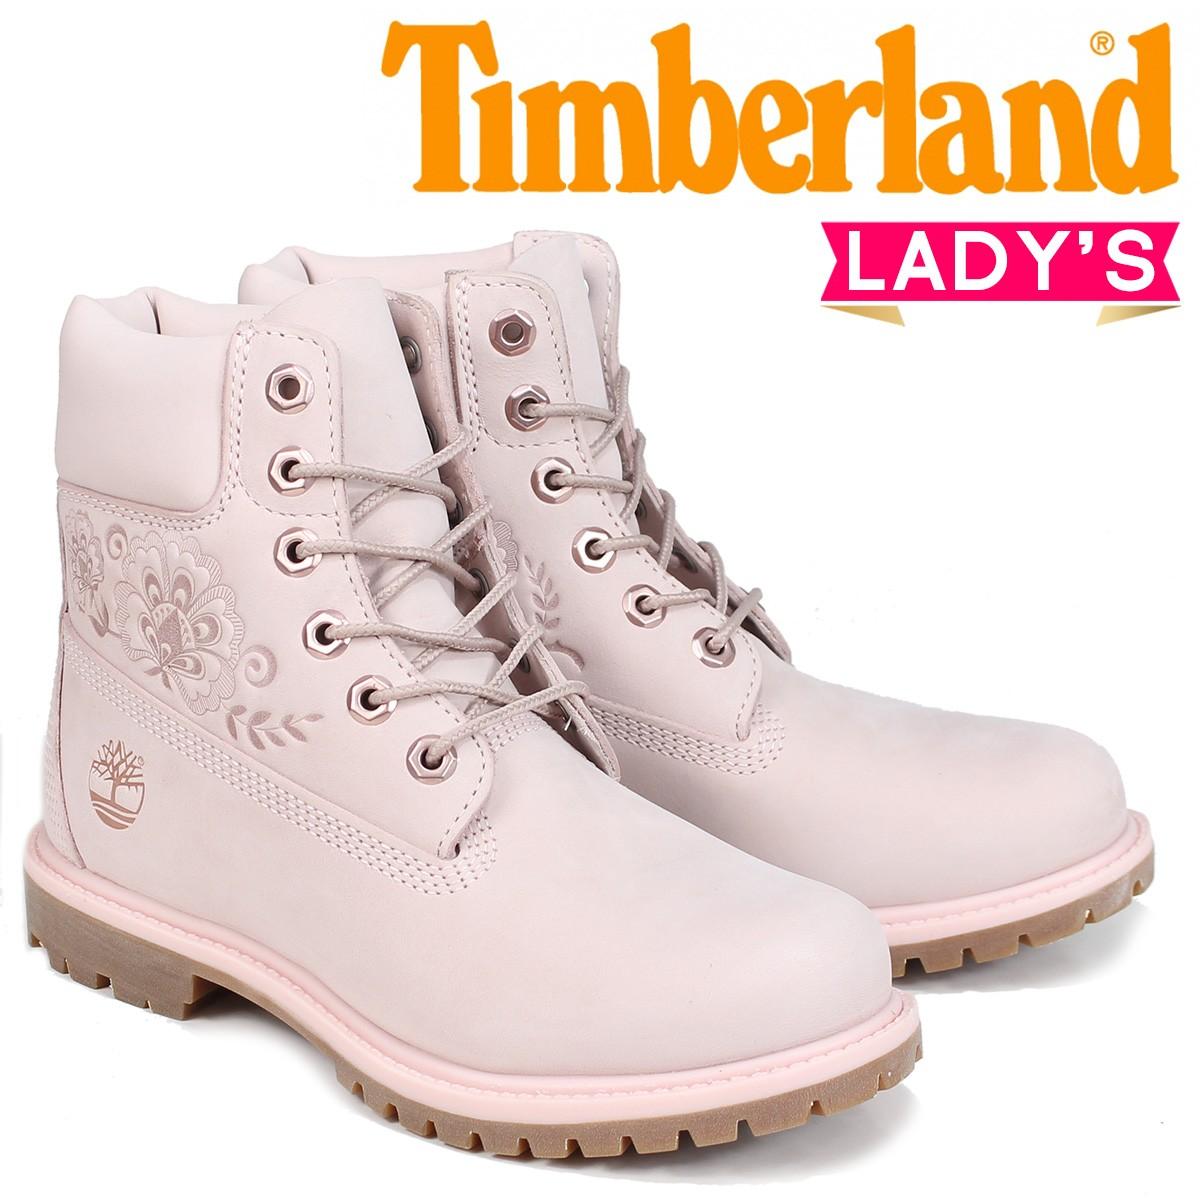 Timberland ブーツ レディース 6インチ ティンバーランド 6-INCH PREMIUM BOOTS A1TKO Wワイズ ピンク [8/2 新入荷]